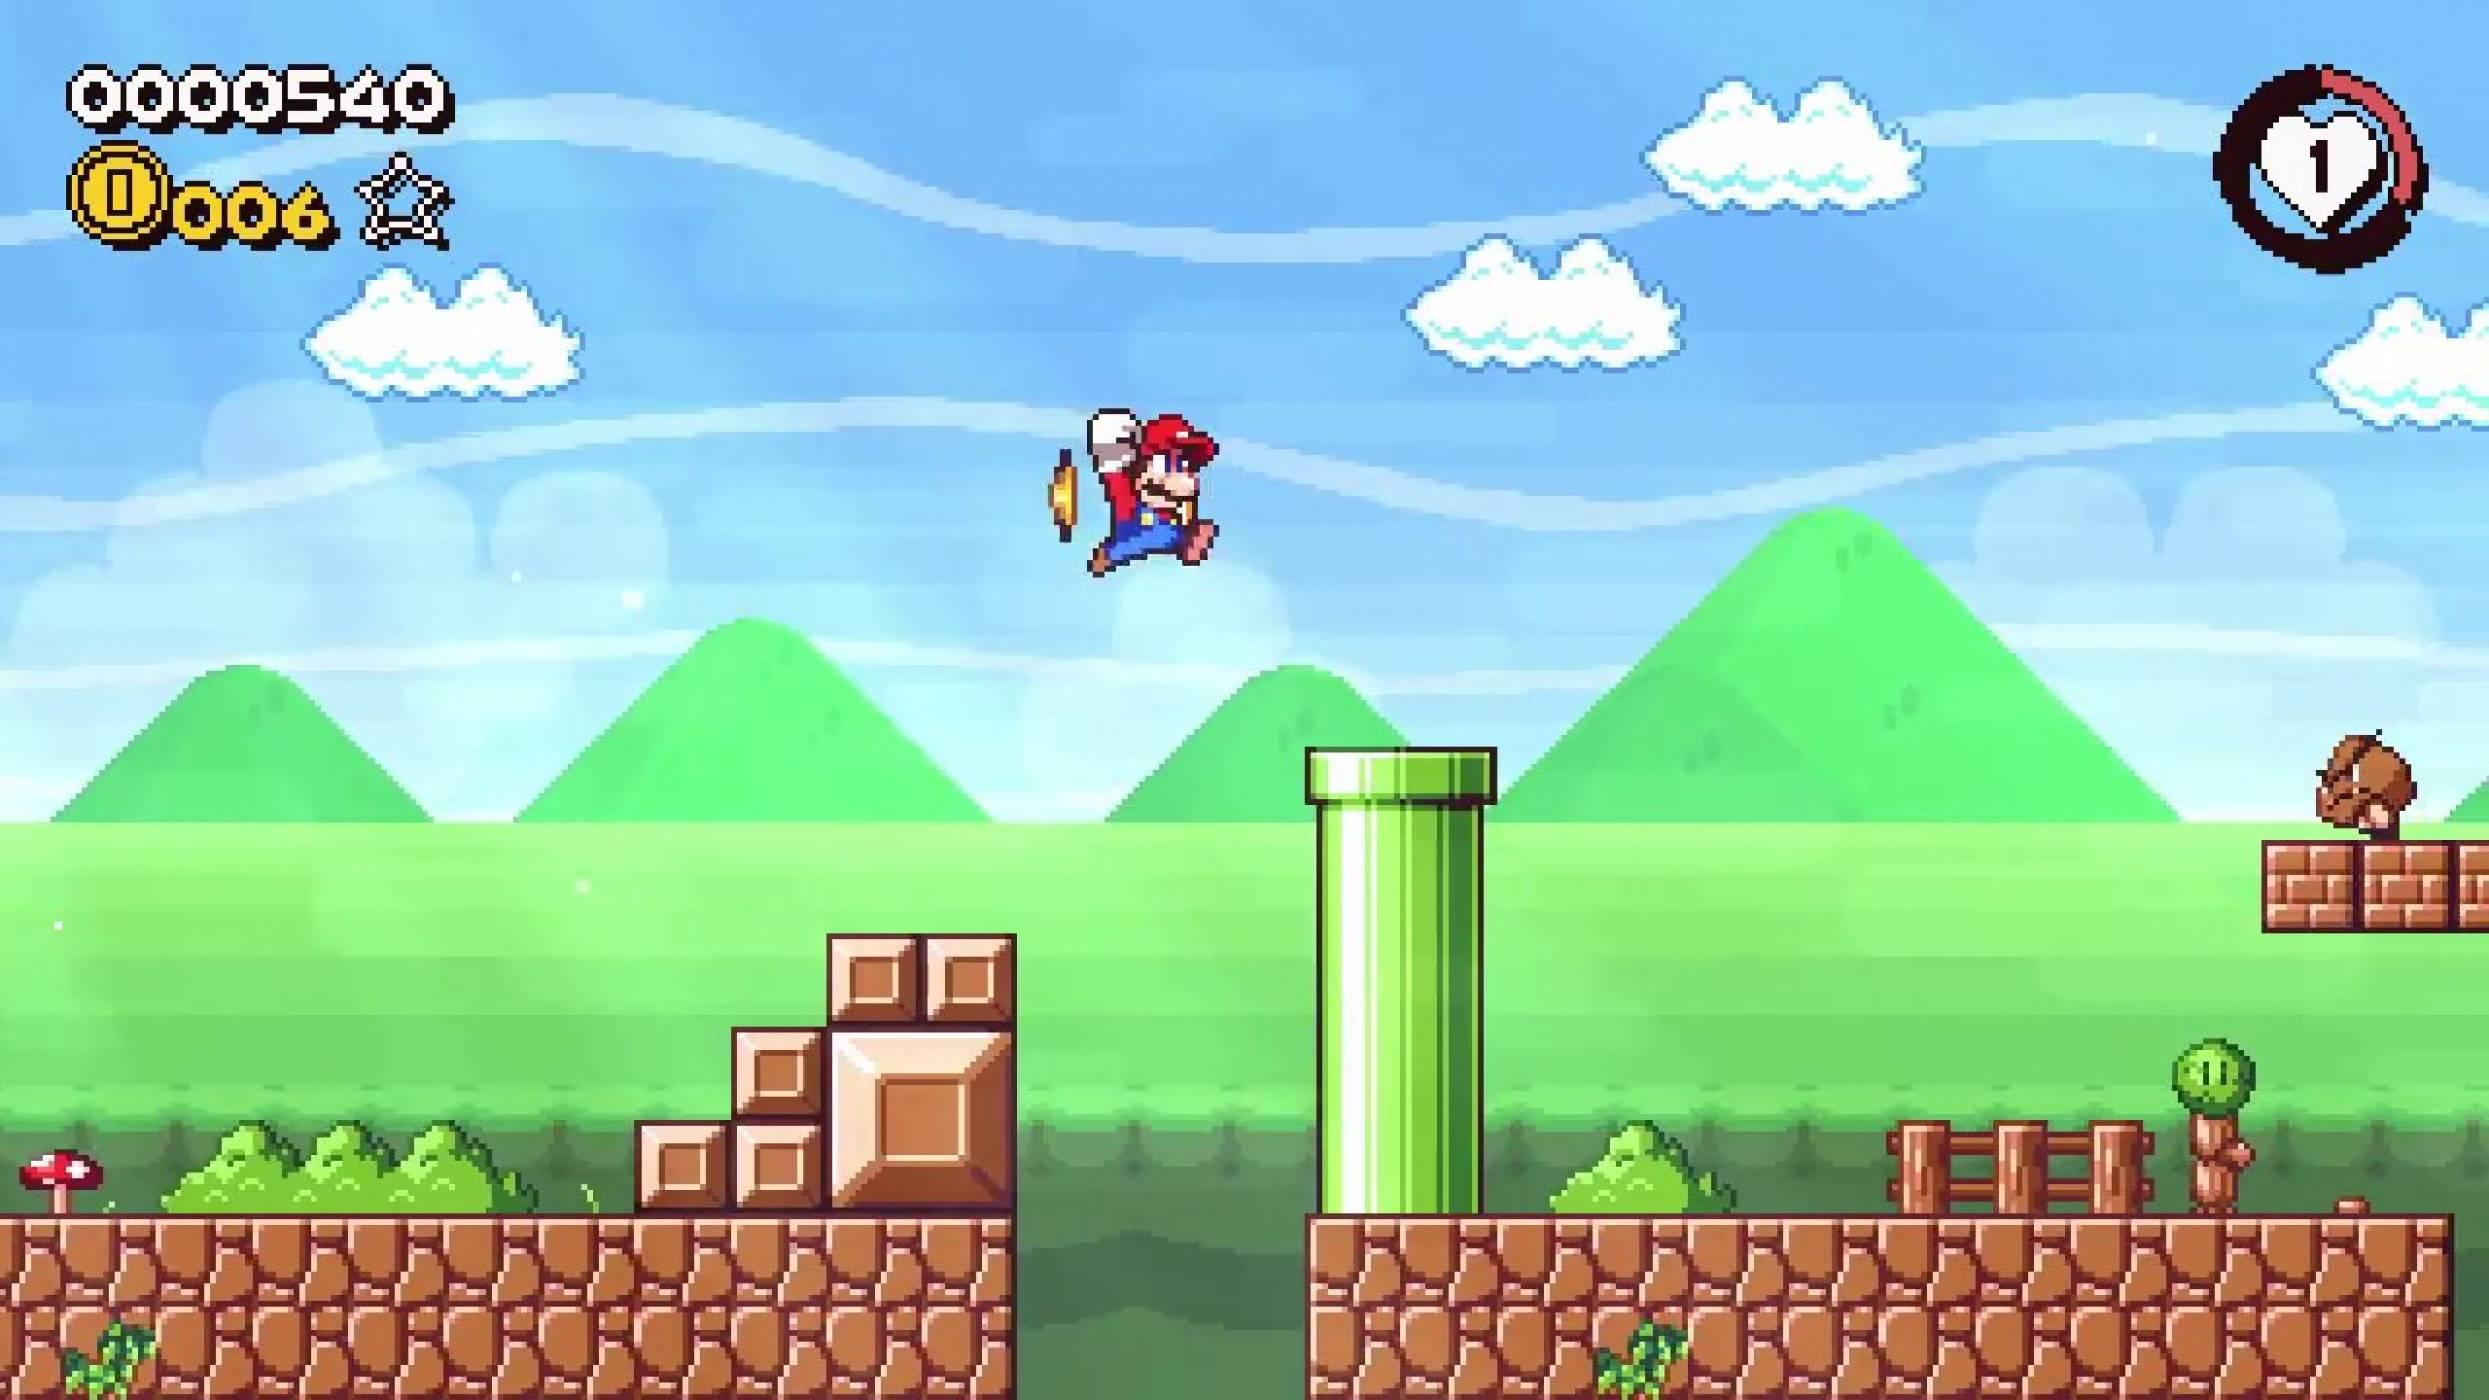 Тежка артилерия: поне две нови Mario игри идват за Switch